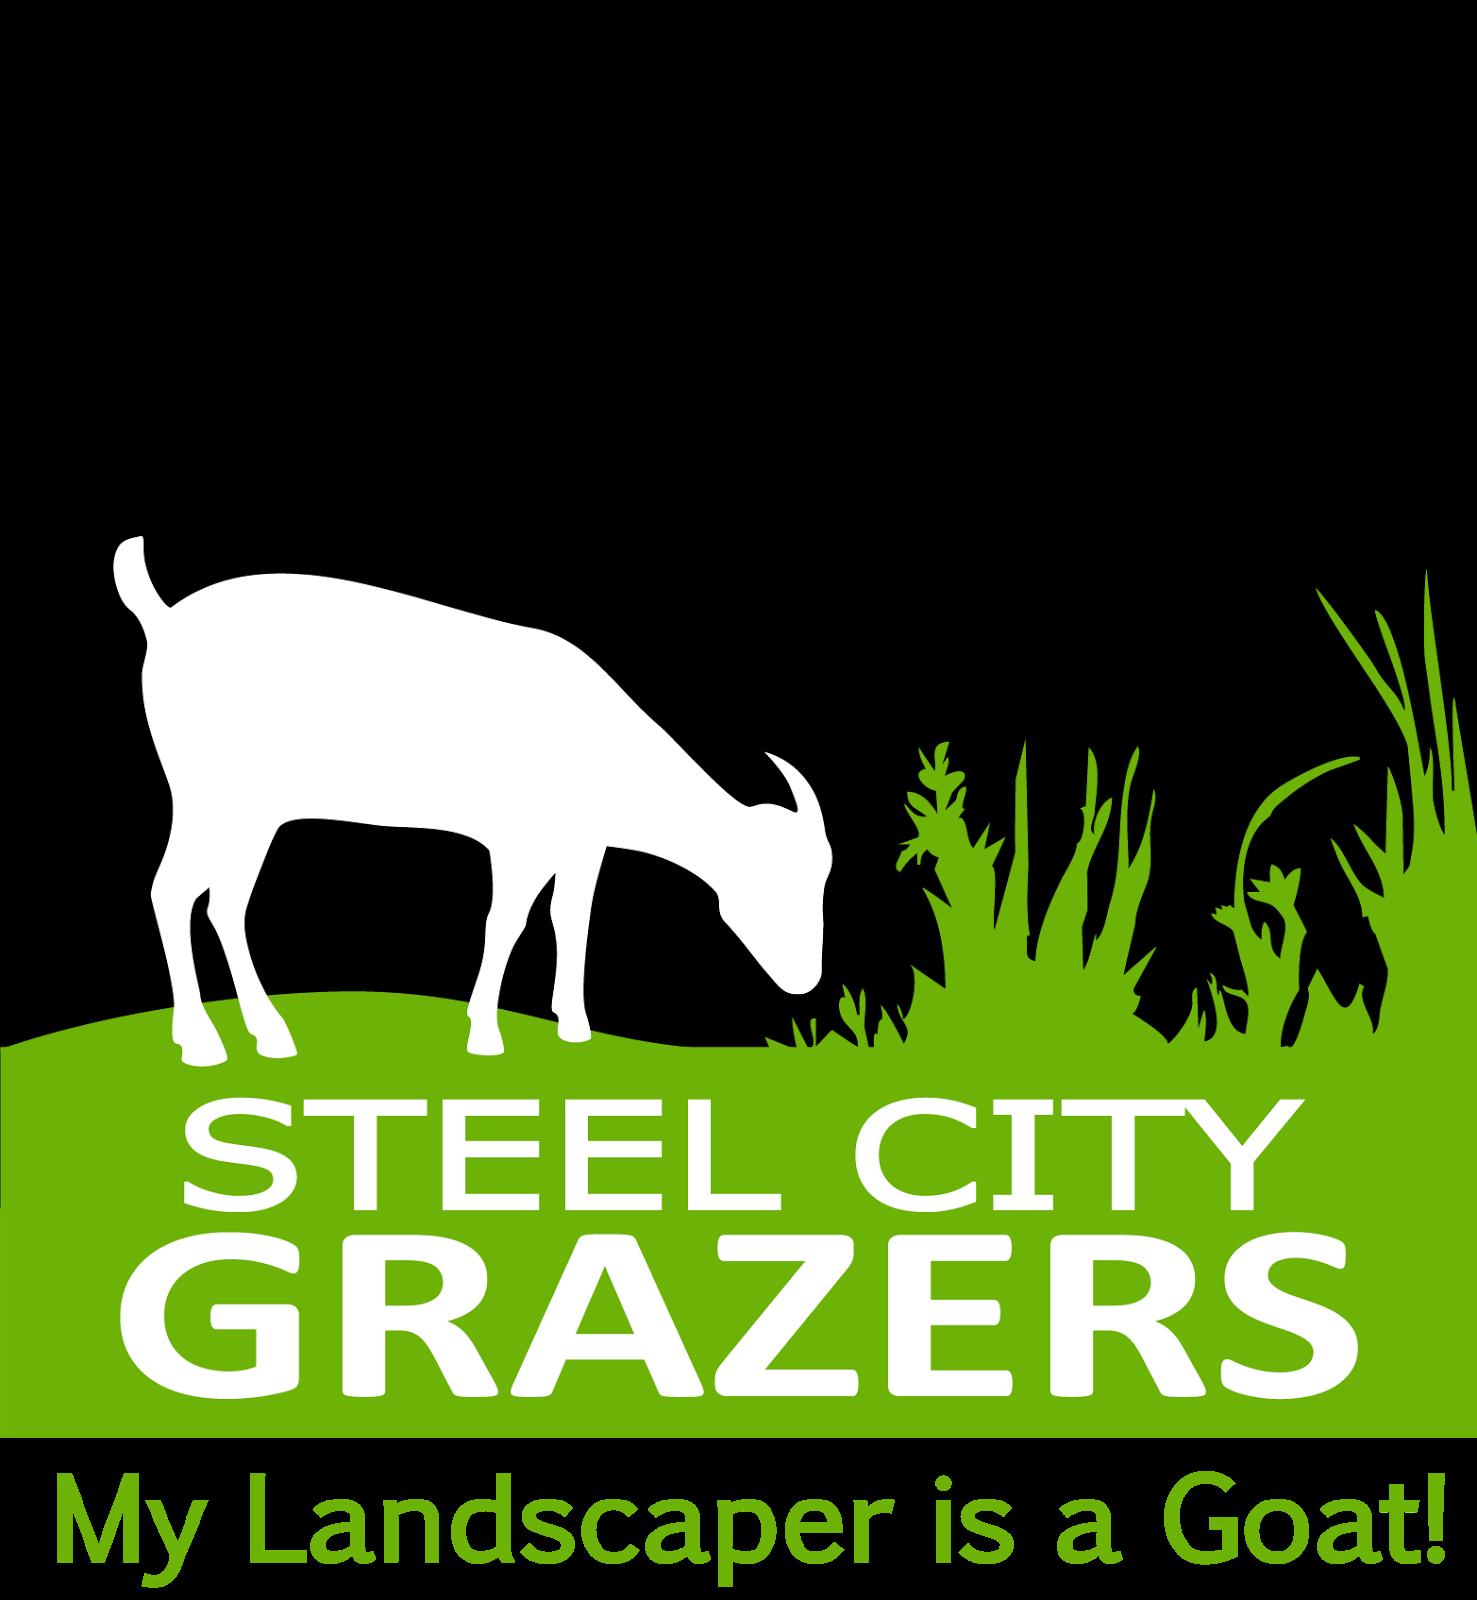 http://www.steelcitygrazers.com